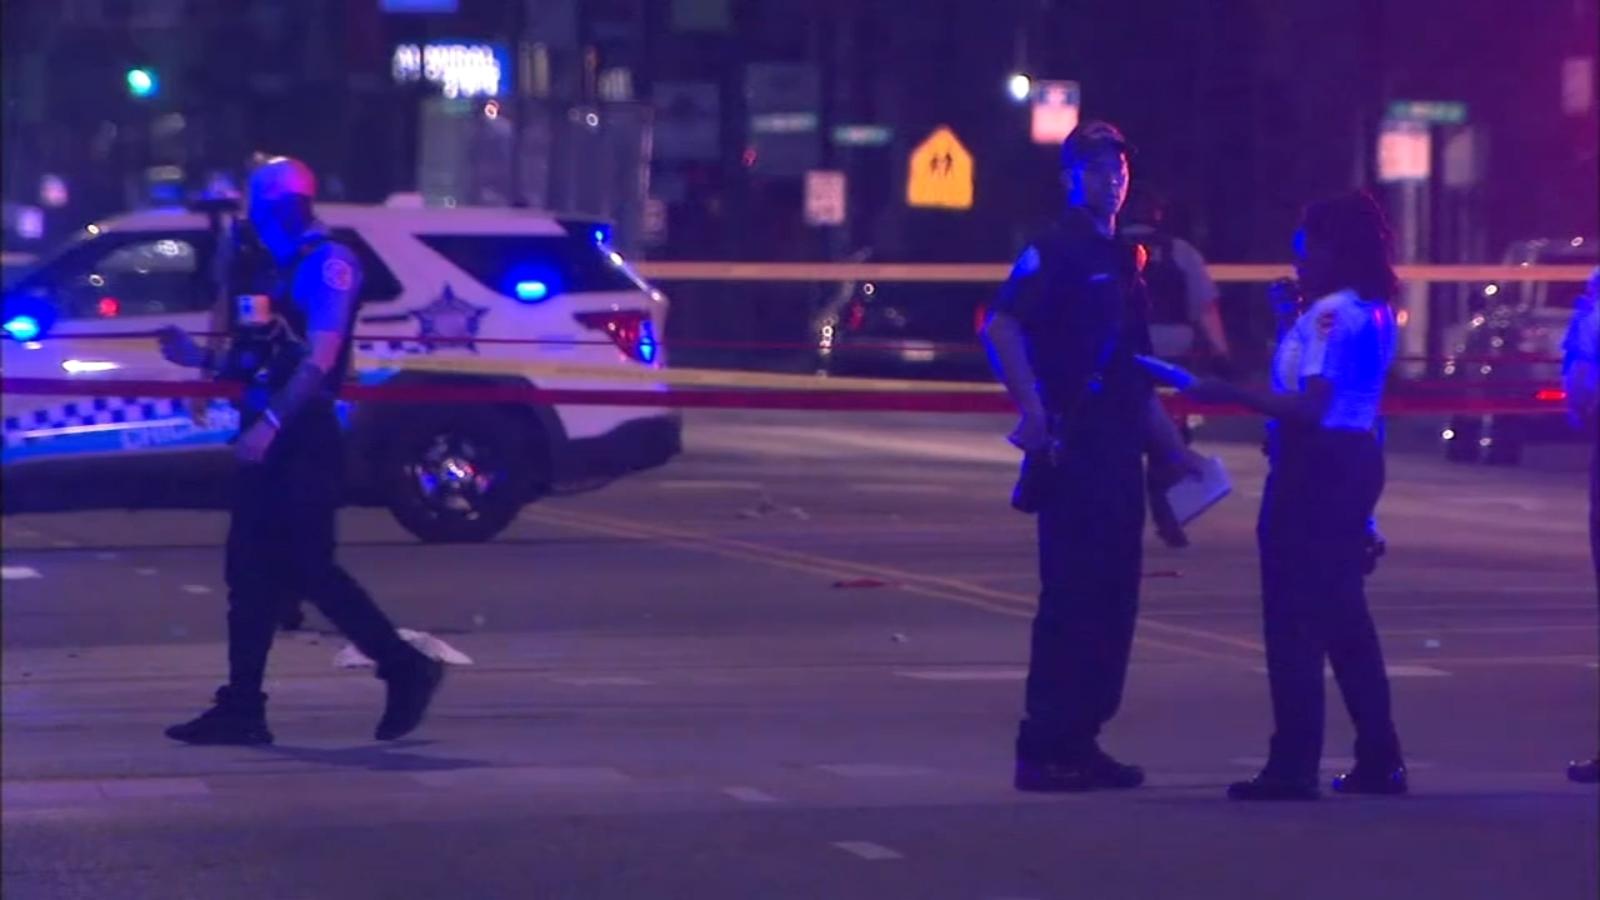 暴力周末!美国各地发生多起大规模枪击事件